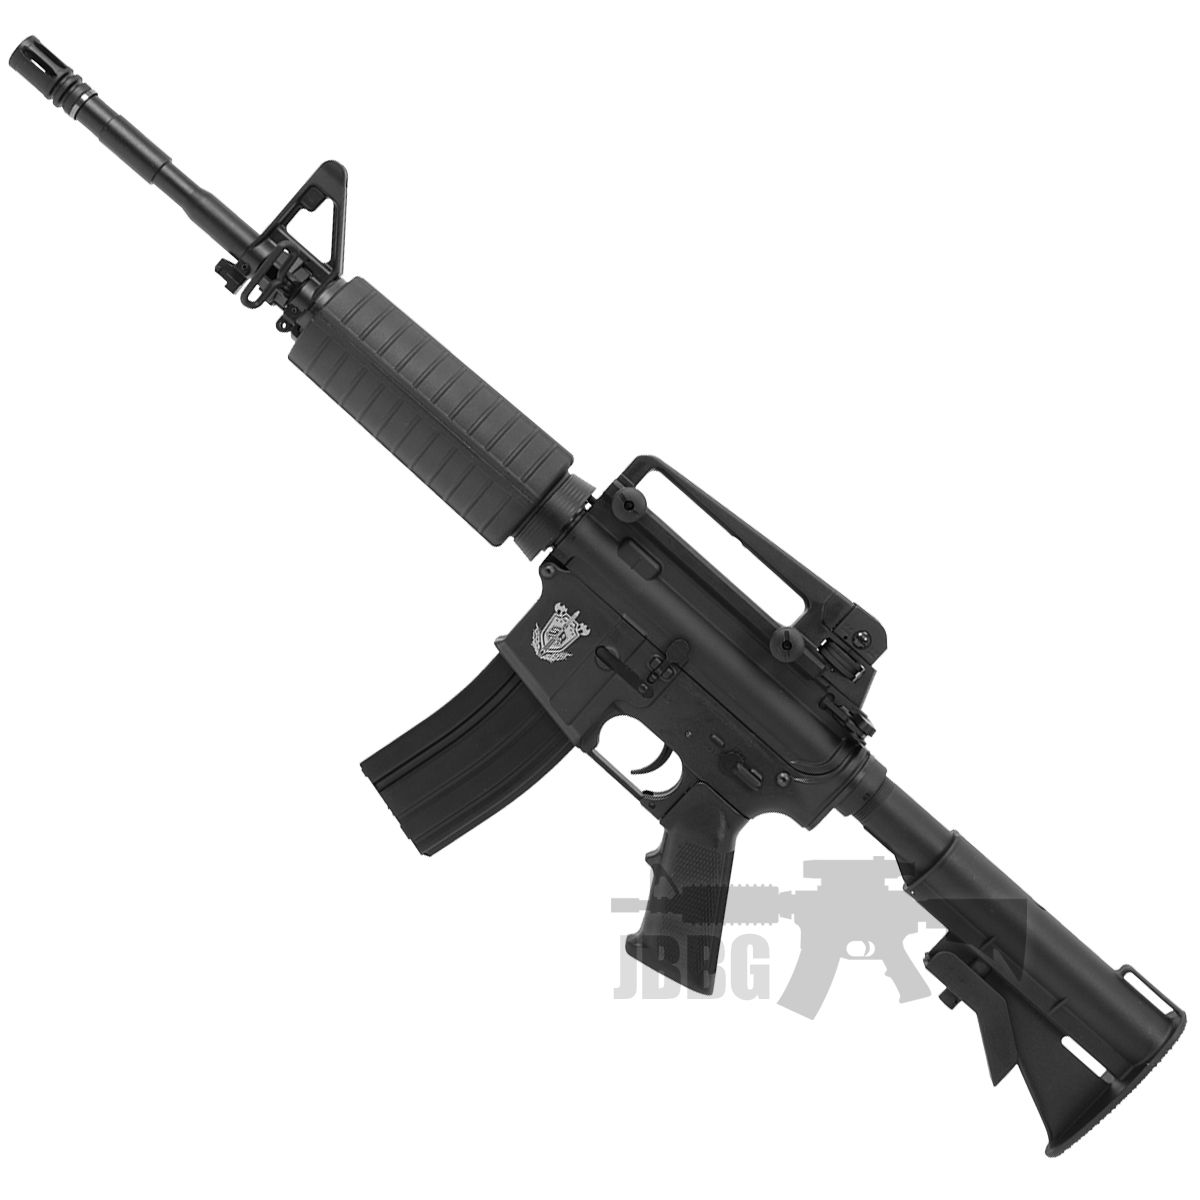 SR4A1 M4 Carbine Sportline AEG Airsoft Gun 1